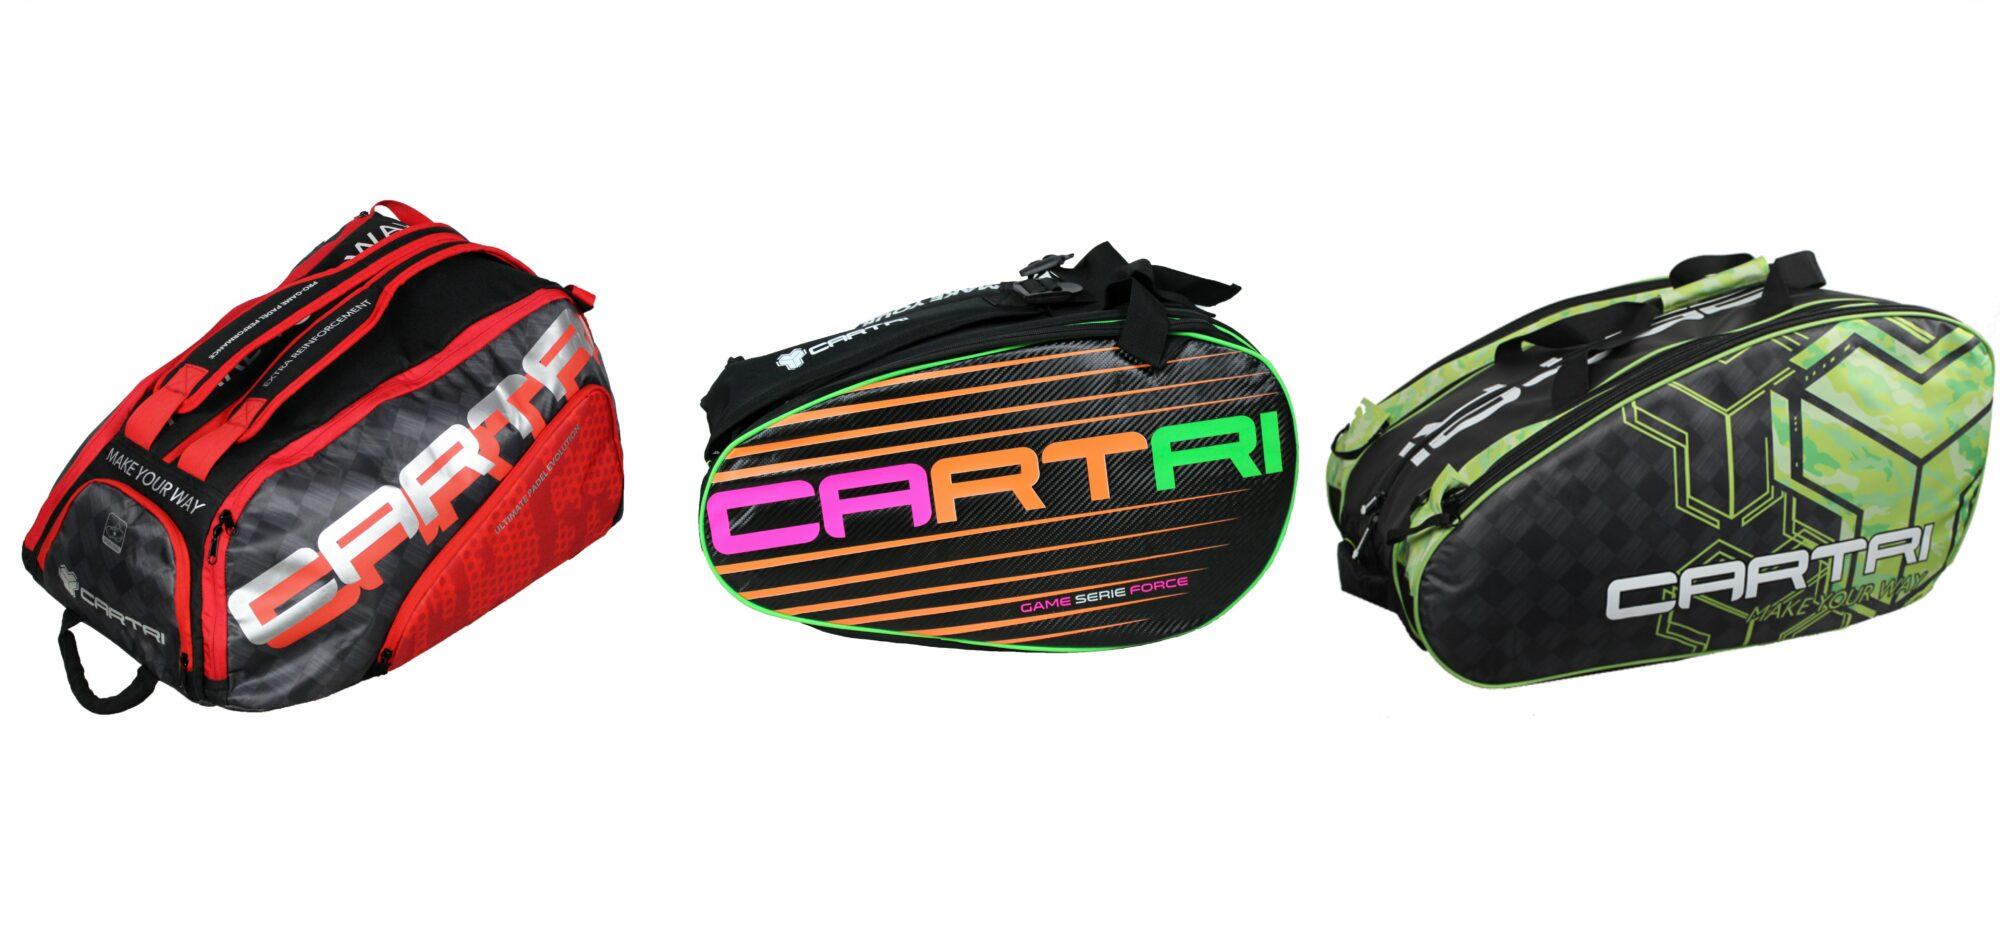 Cartri: eine neue Palette erstklassiger Paleteros!